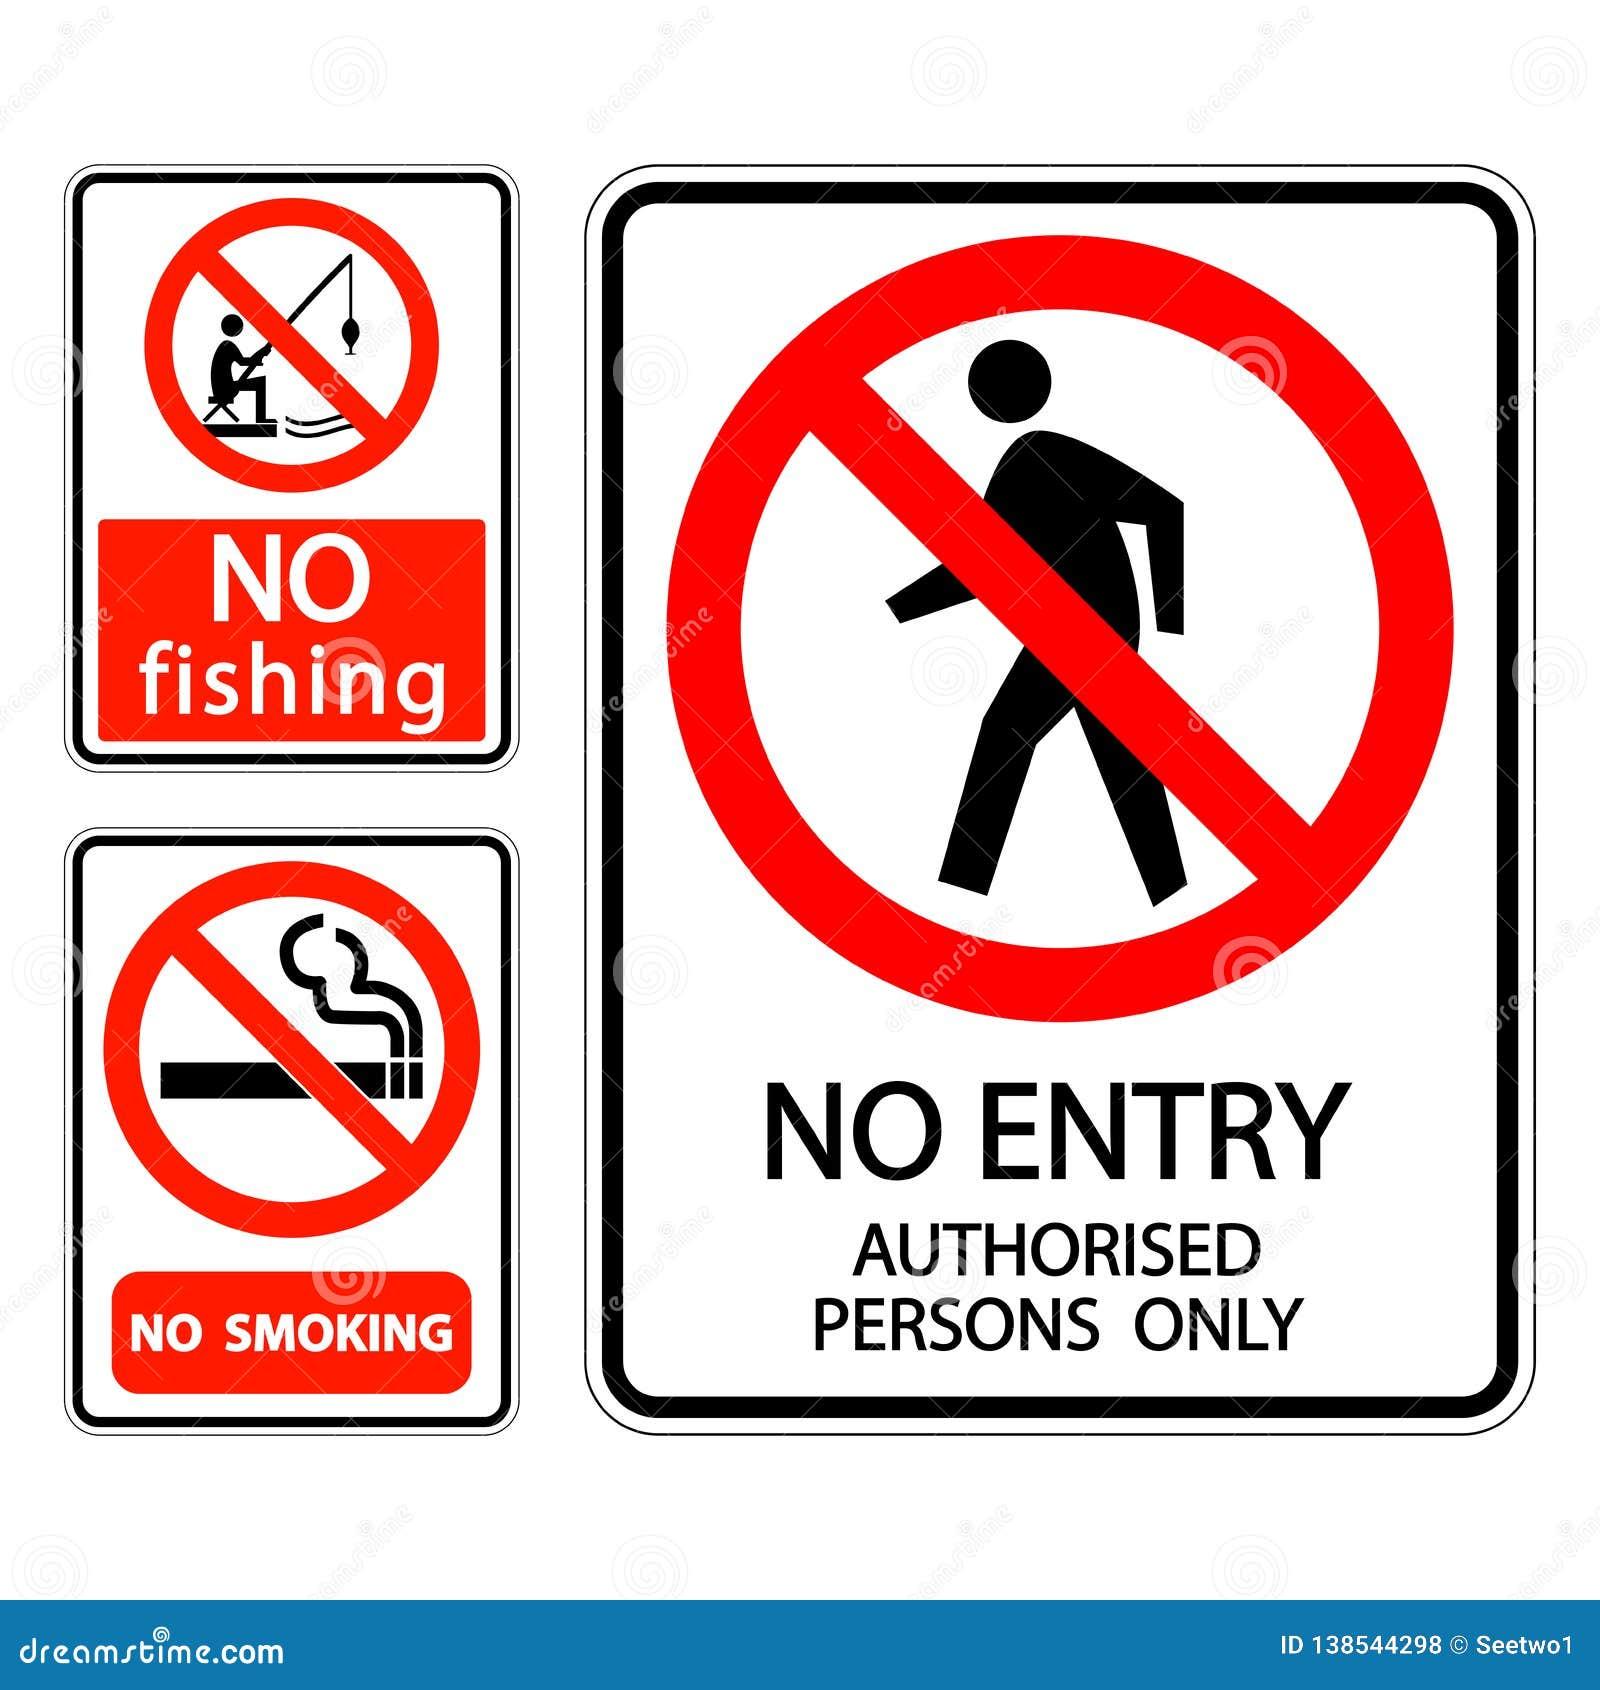 La etiqueta de no fumadores, ninguna pesca de la muestra del sistema de símbolo, ninguna entrada autorizó a personas solamente